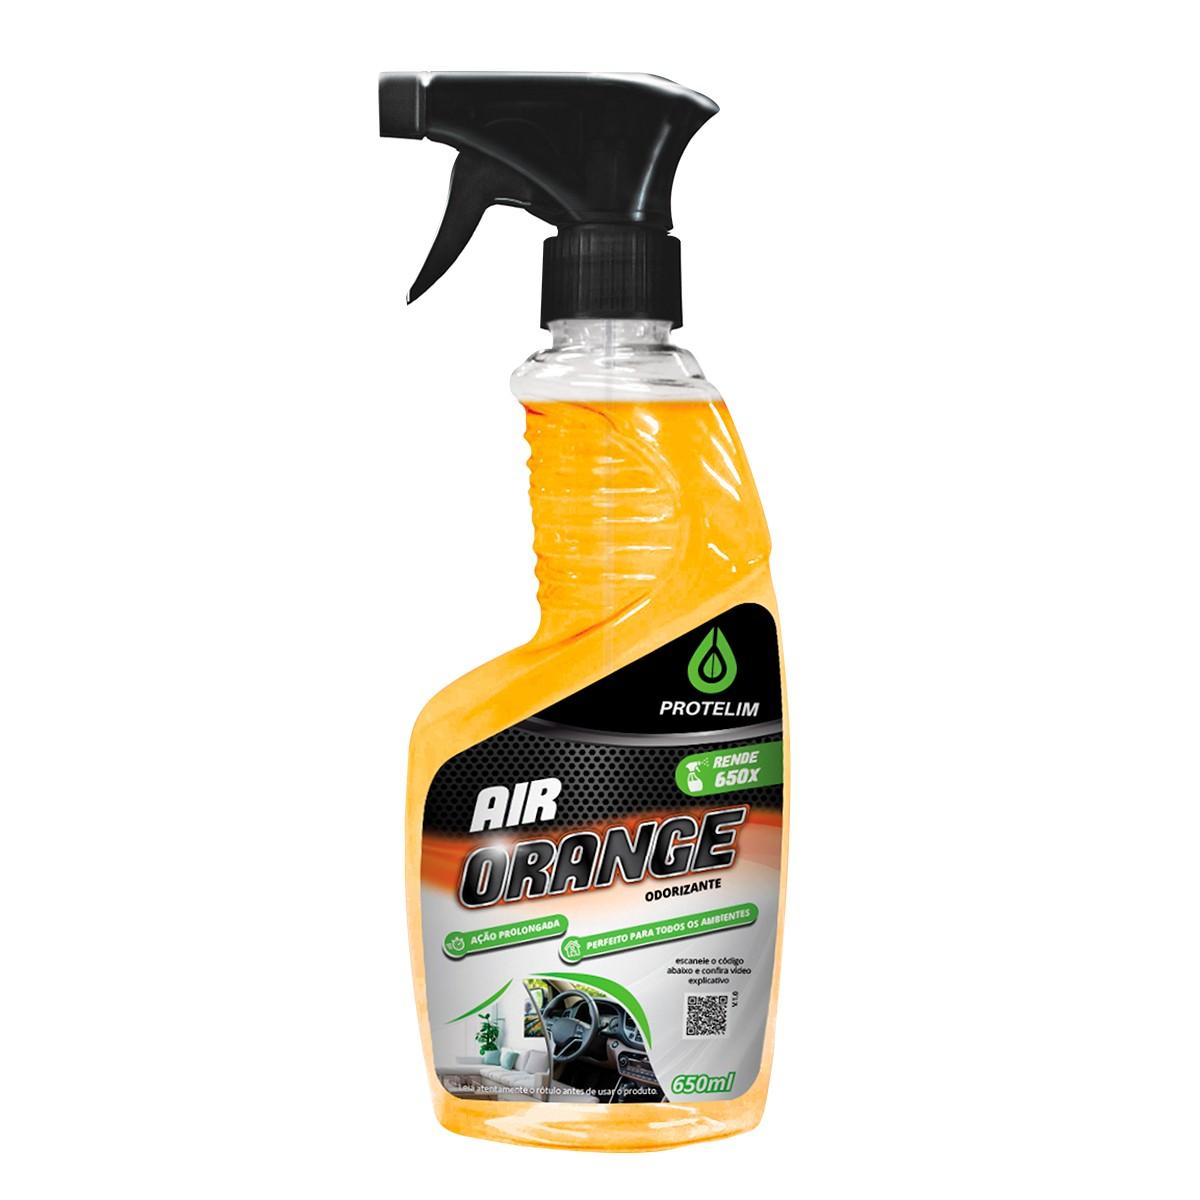 Air Orange Odorizante - Protelim